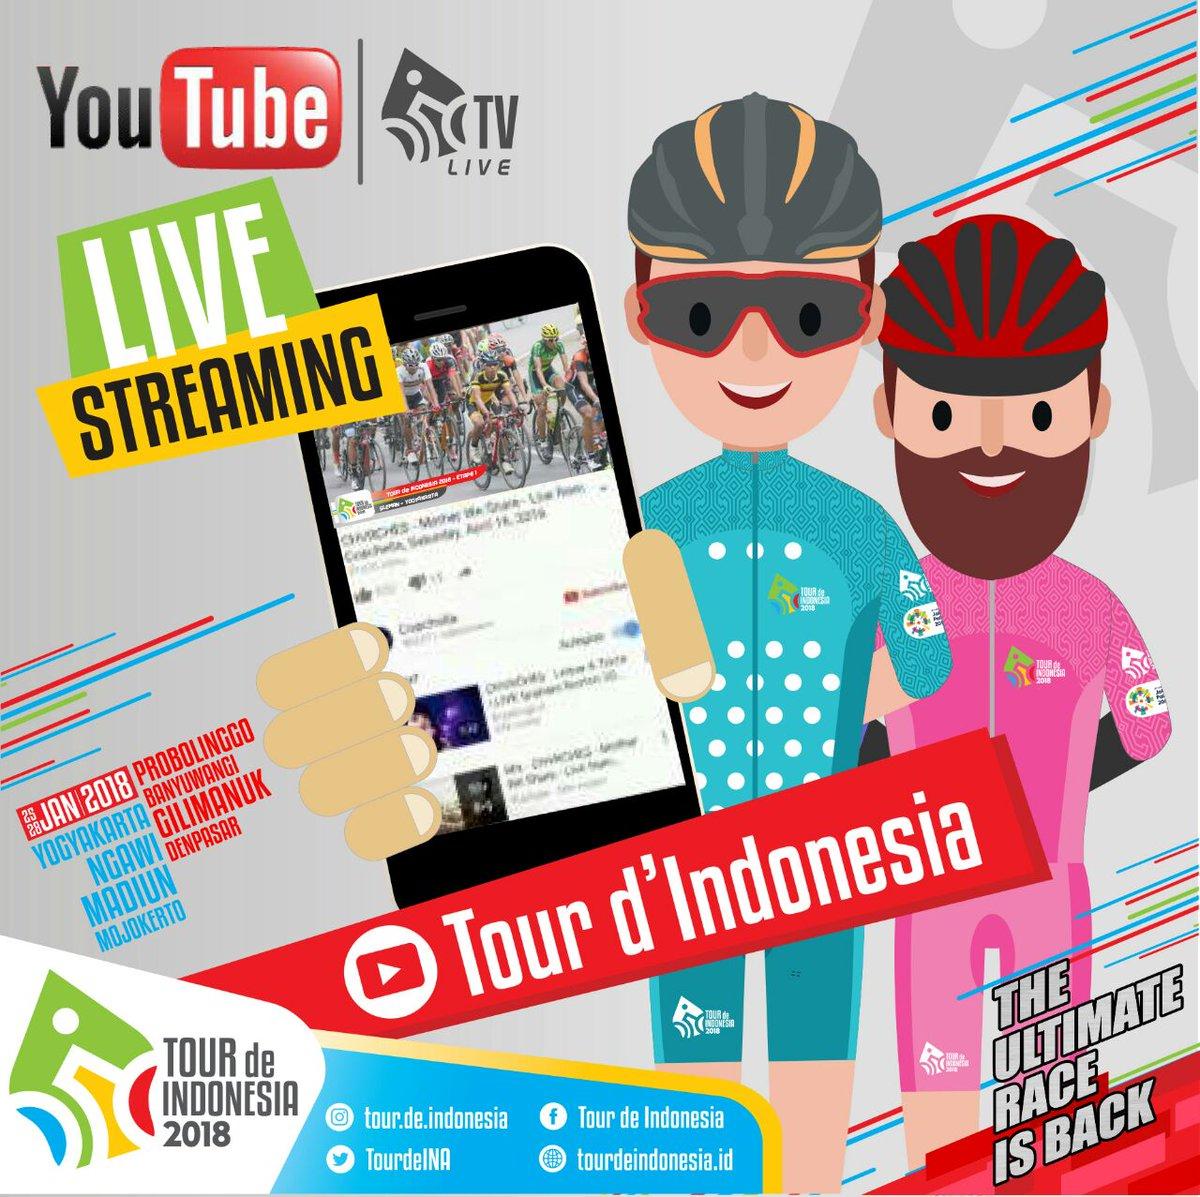 Tour of Indonesia (du 25 au 28 janvier) Dungun11